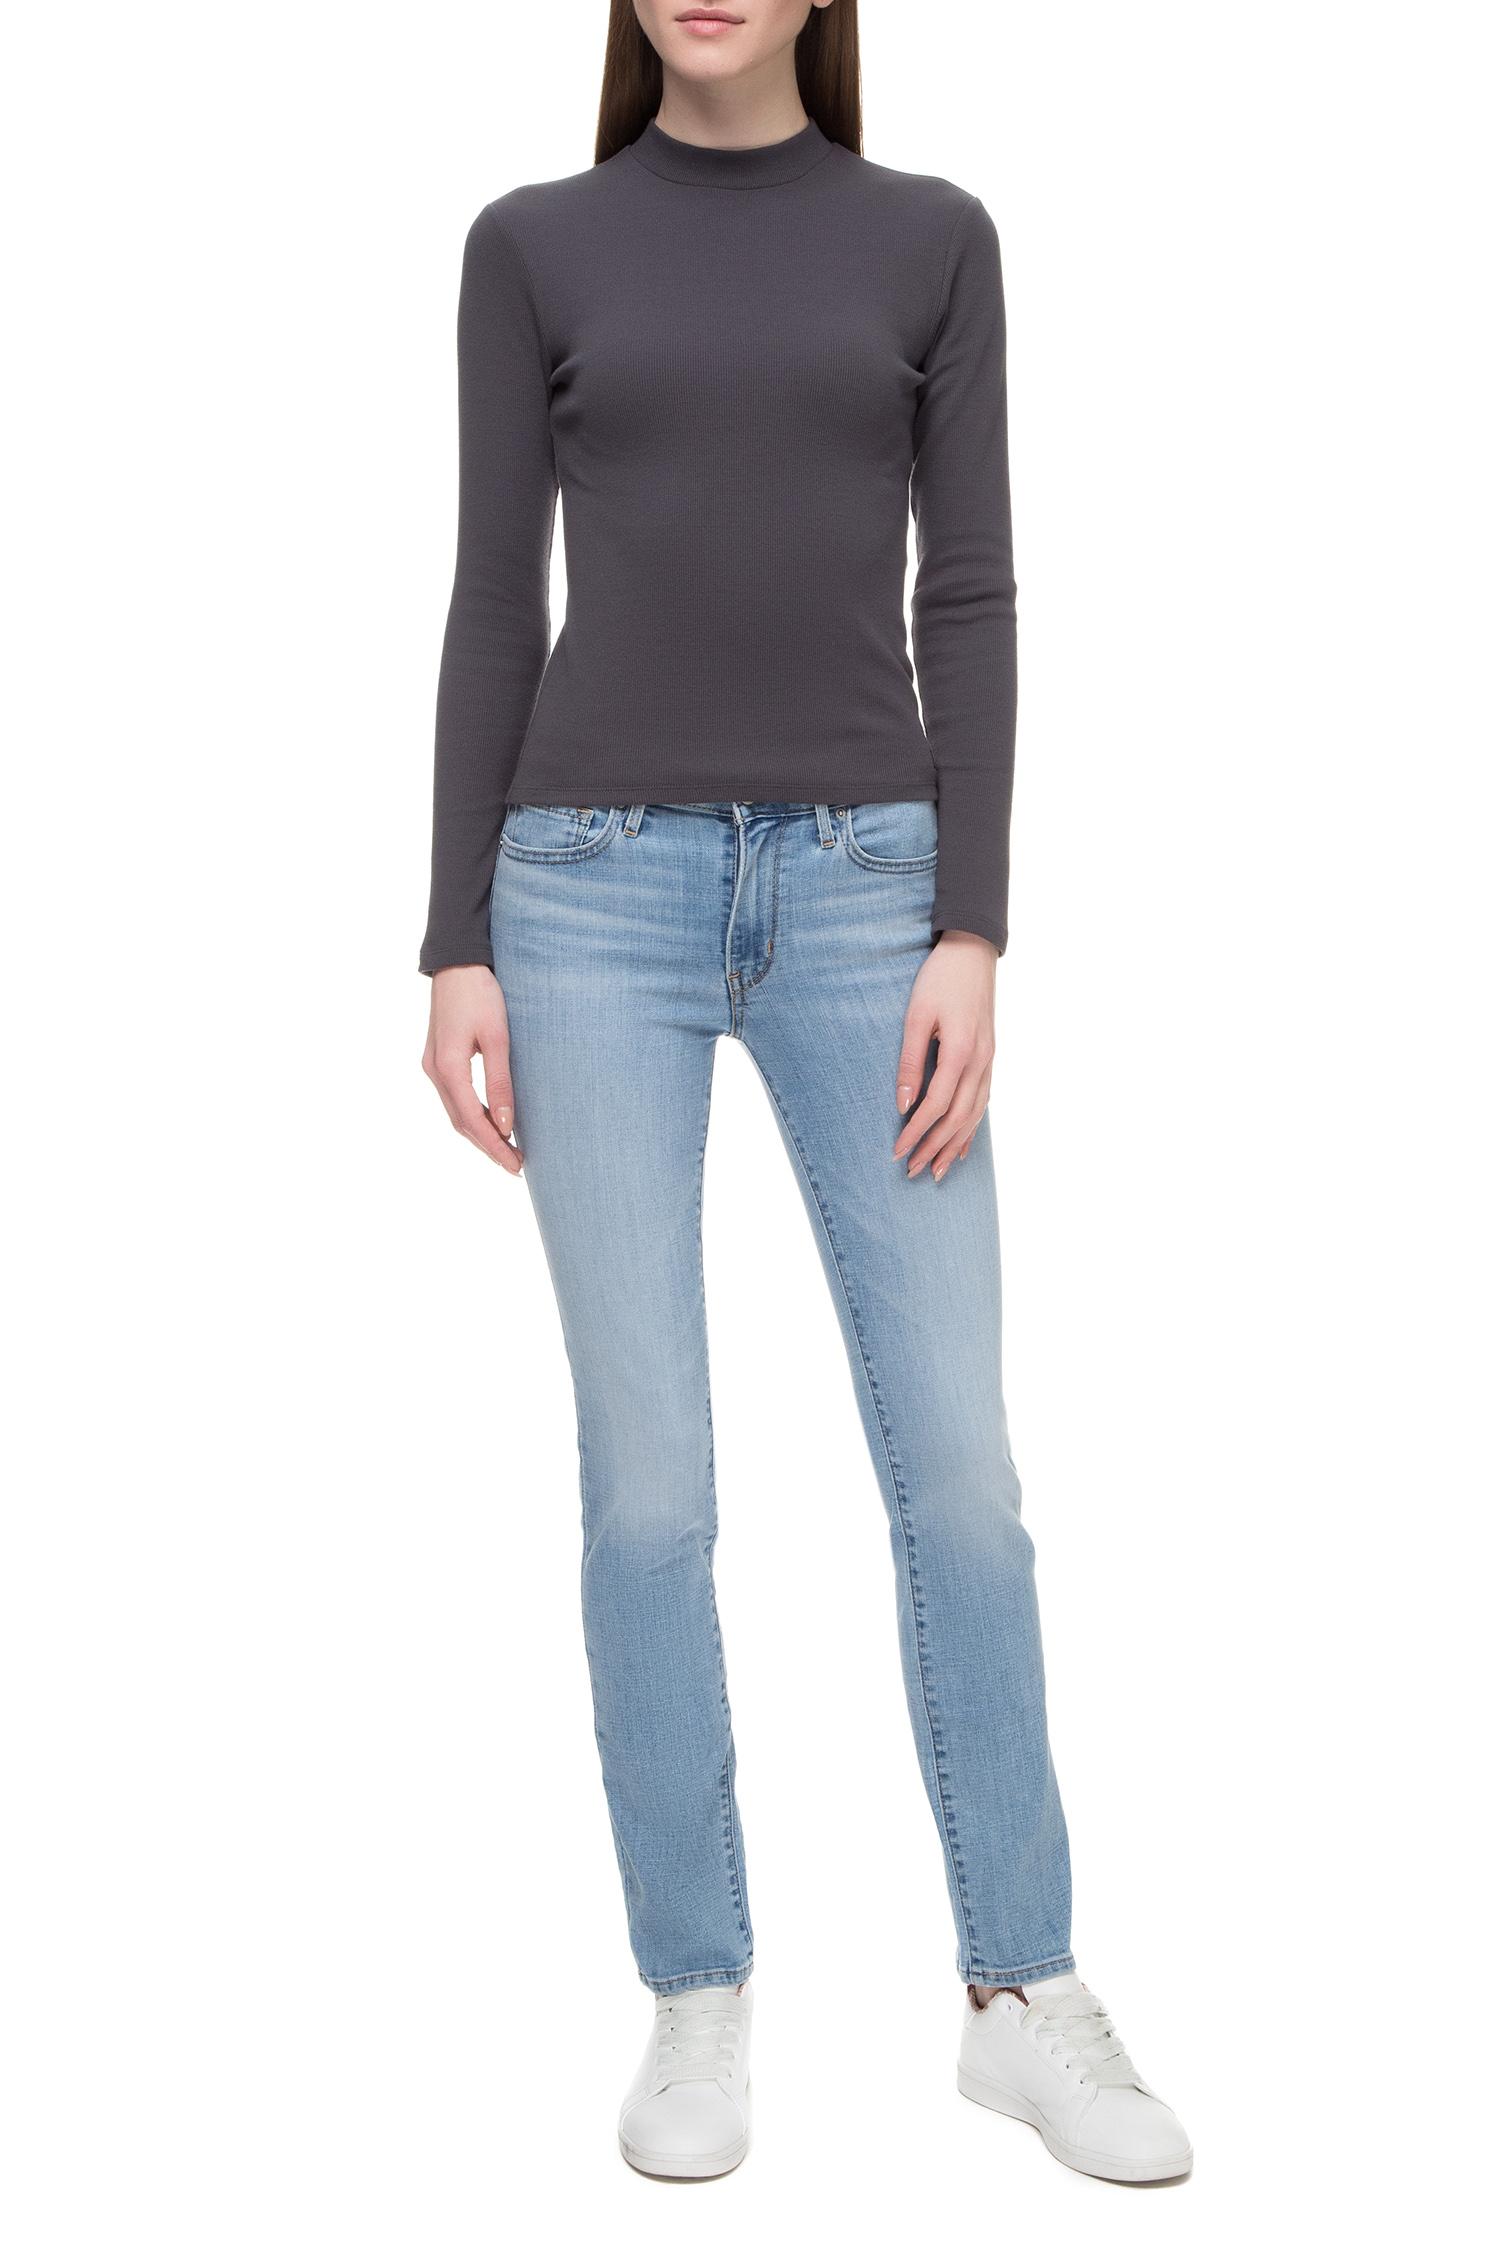 Женские голубые джинсы 712 SLIM Levi's 18884;0198